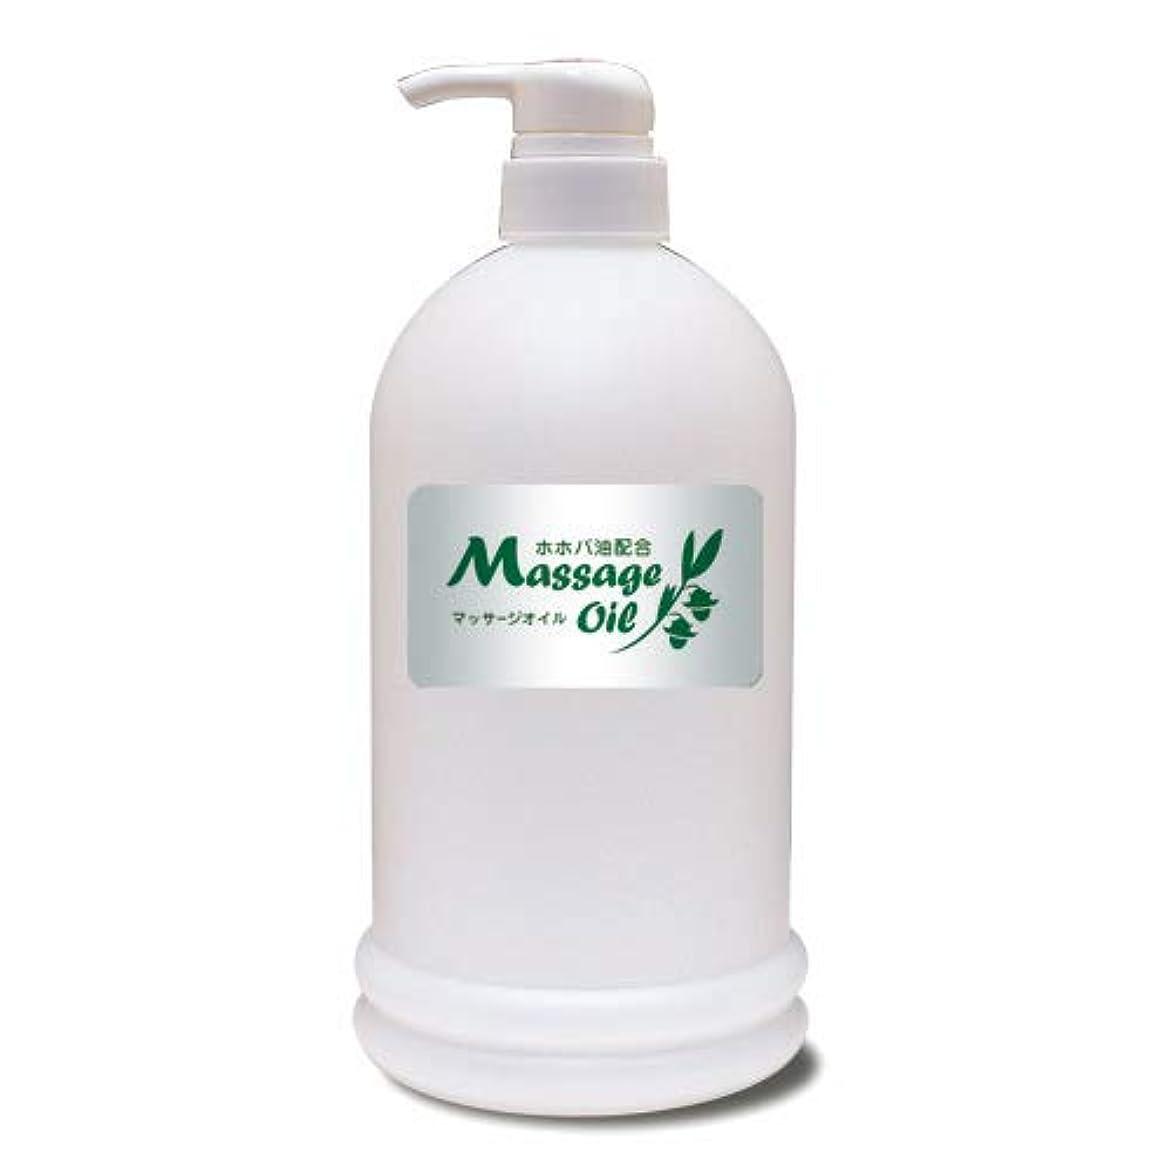 技術ブリークトランペットホホバ油配合マッサージオイル 1Lボトル│エステ店御用達のプロ仕様業務用マッサージオイル 大容量 ホホバオイル